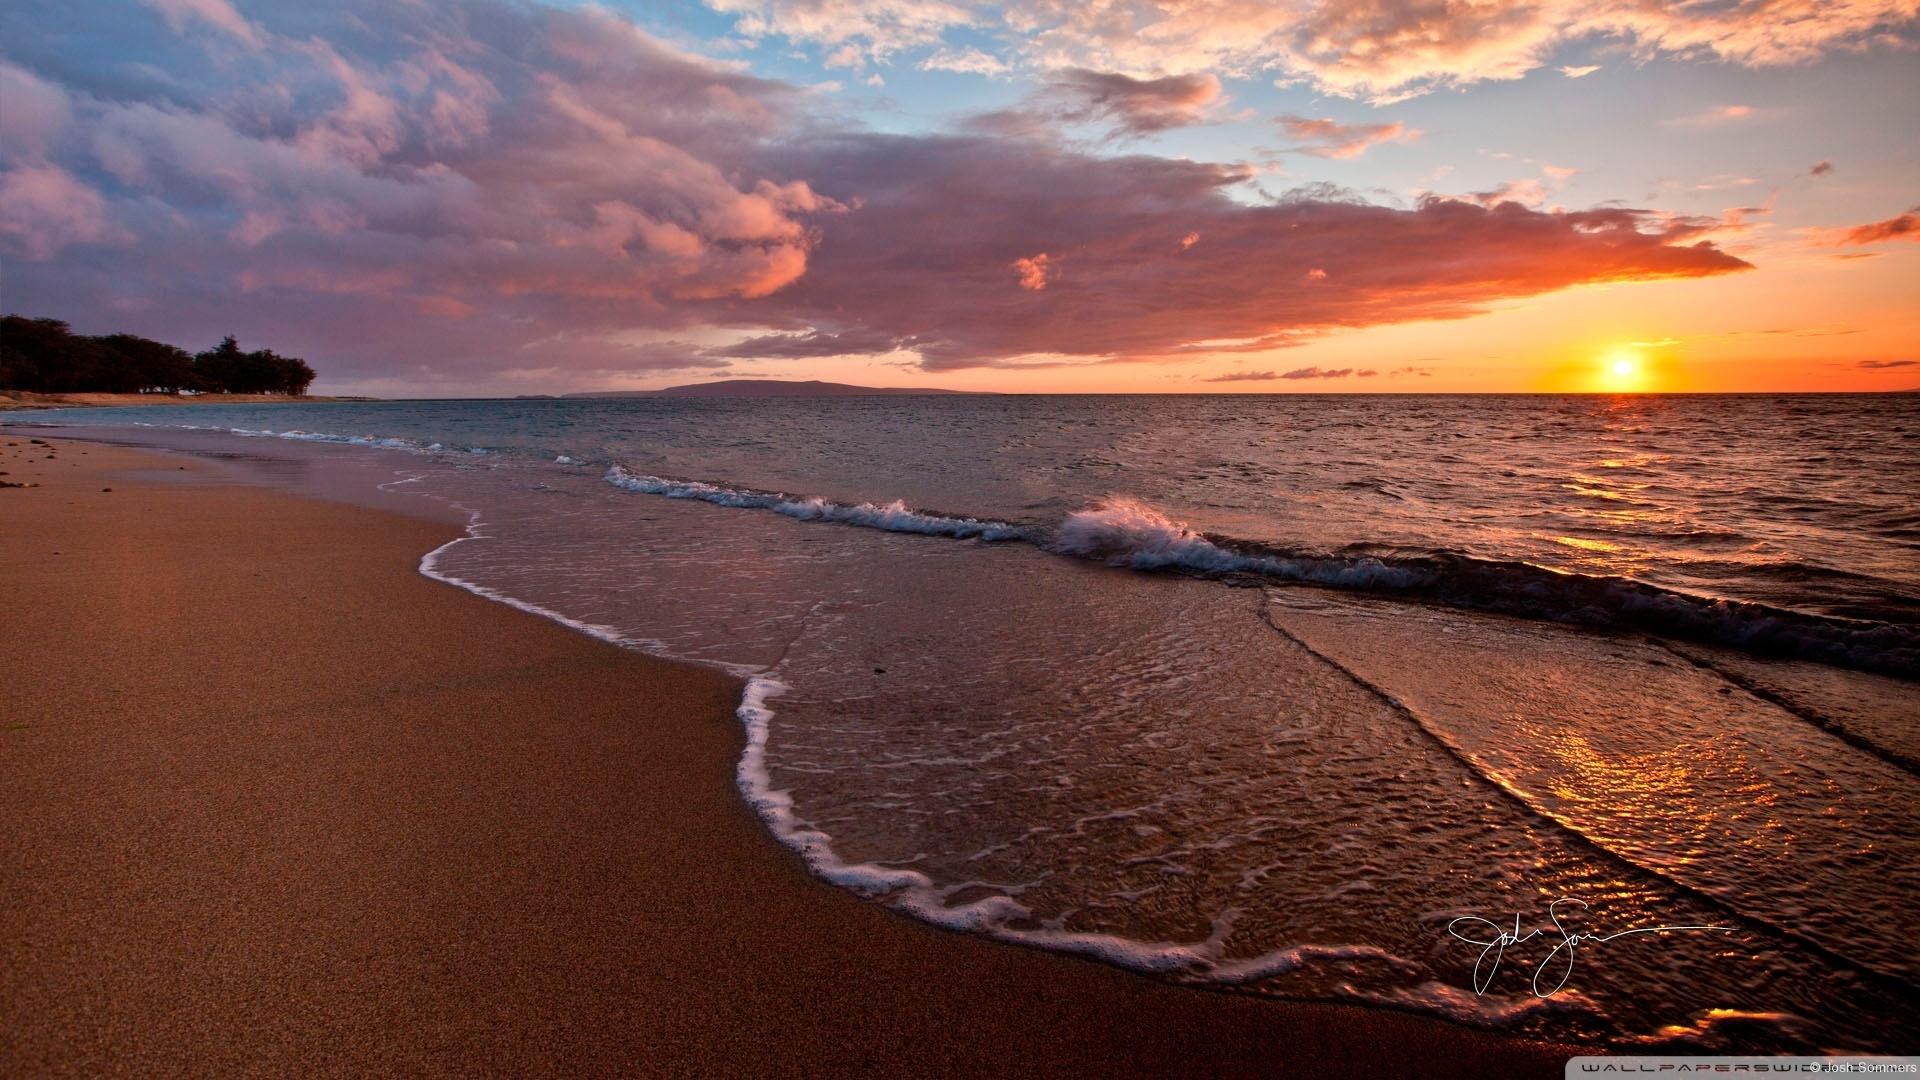 beach - sunset ❤ 4k hd desktop wallpaper for 4k ultra hd tv